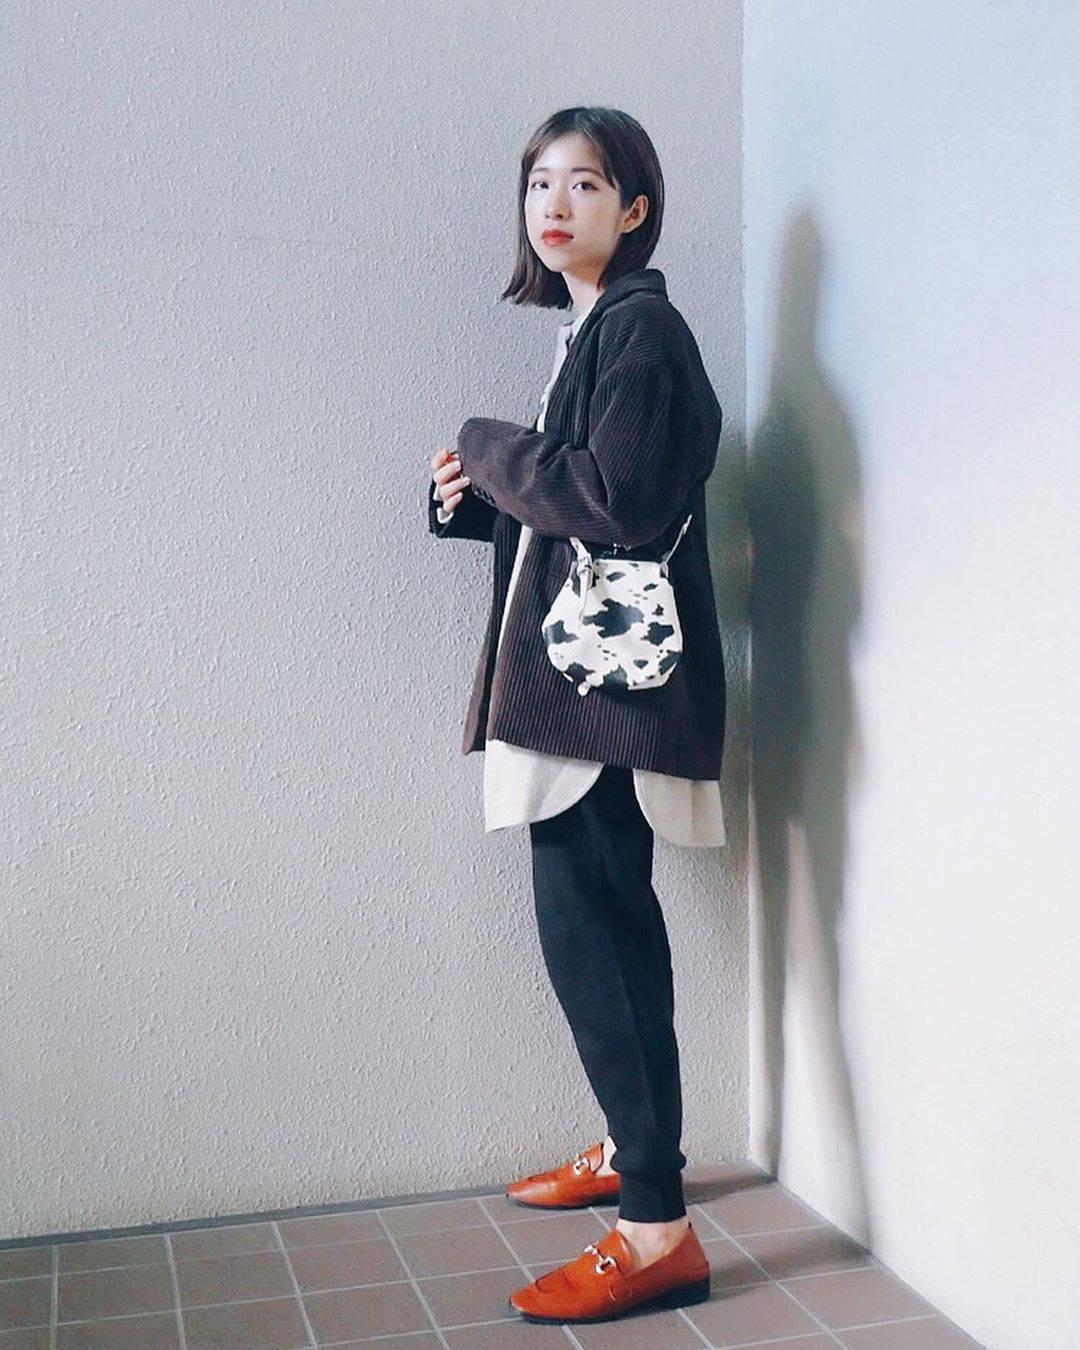 最高気温18度・最低気温7度 natsu_outfitsの服装